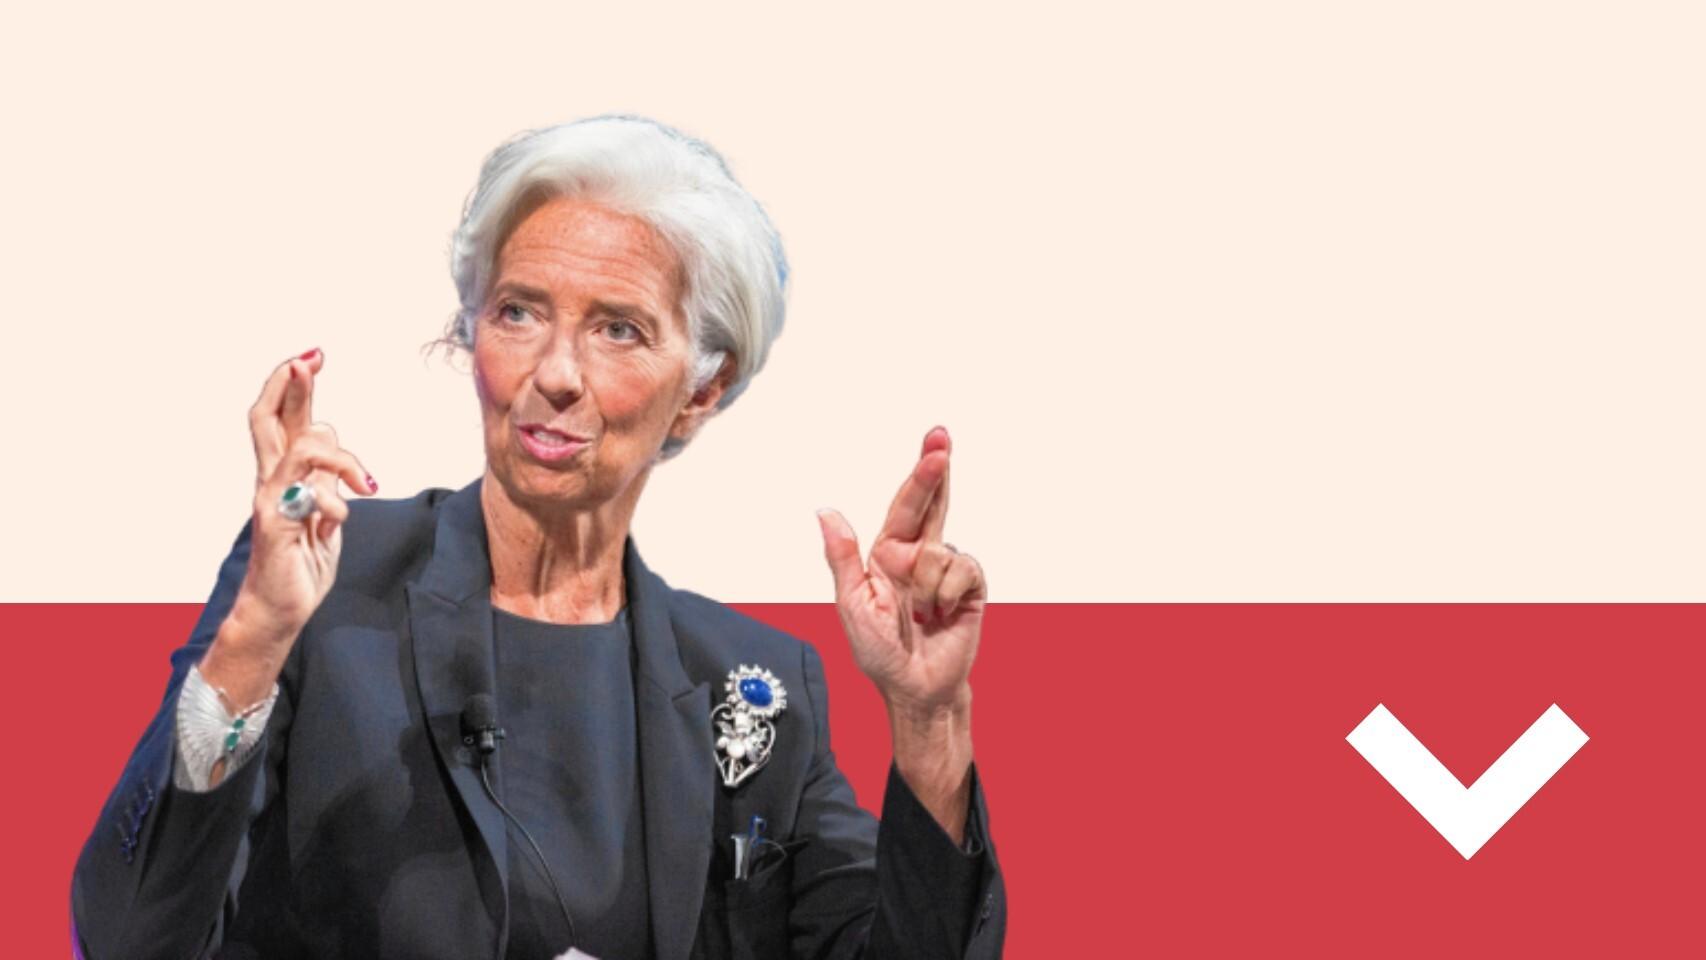 A LOS LEONES: Lagarde hunde los mercados con su inacción